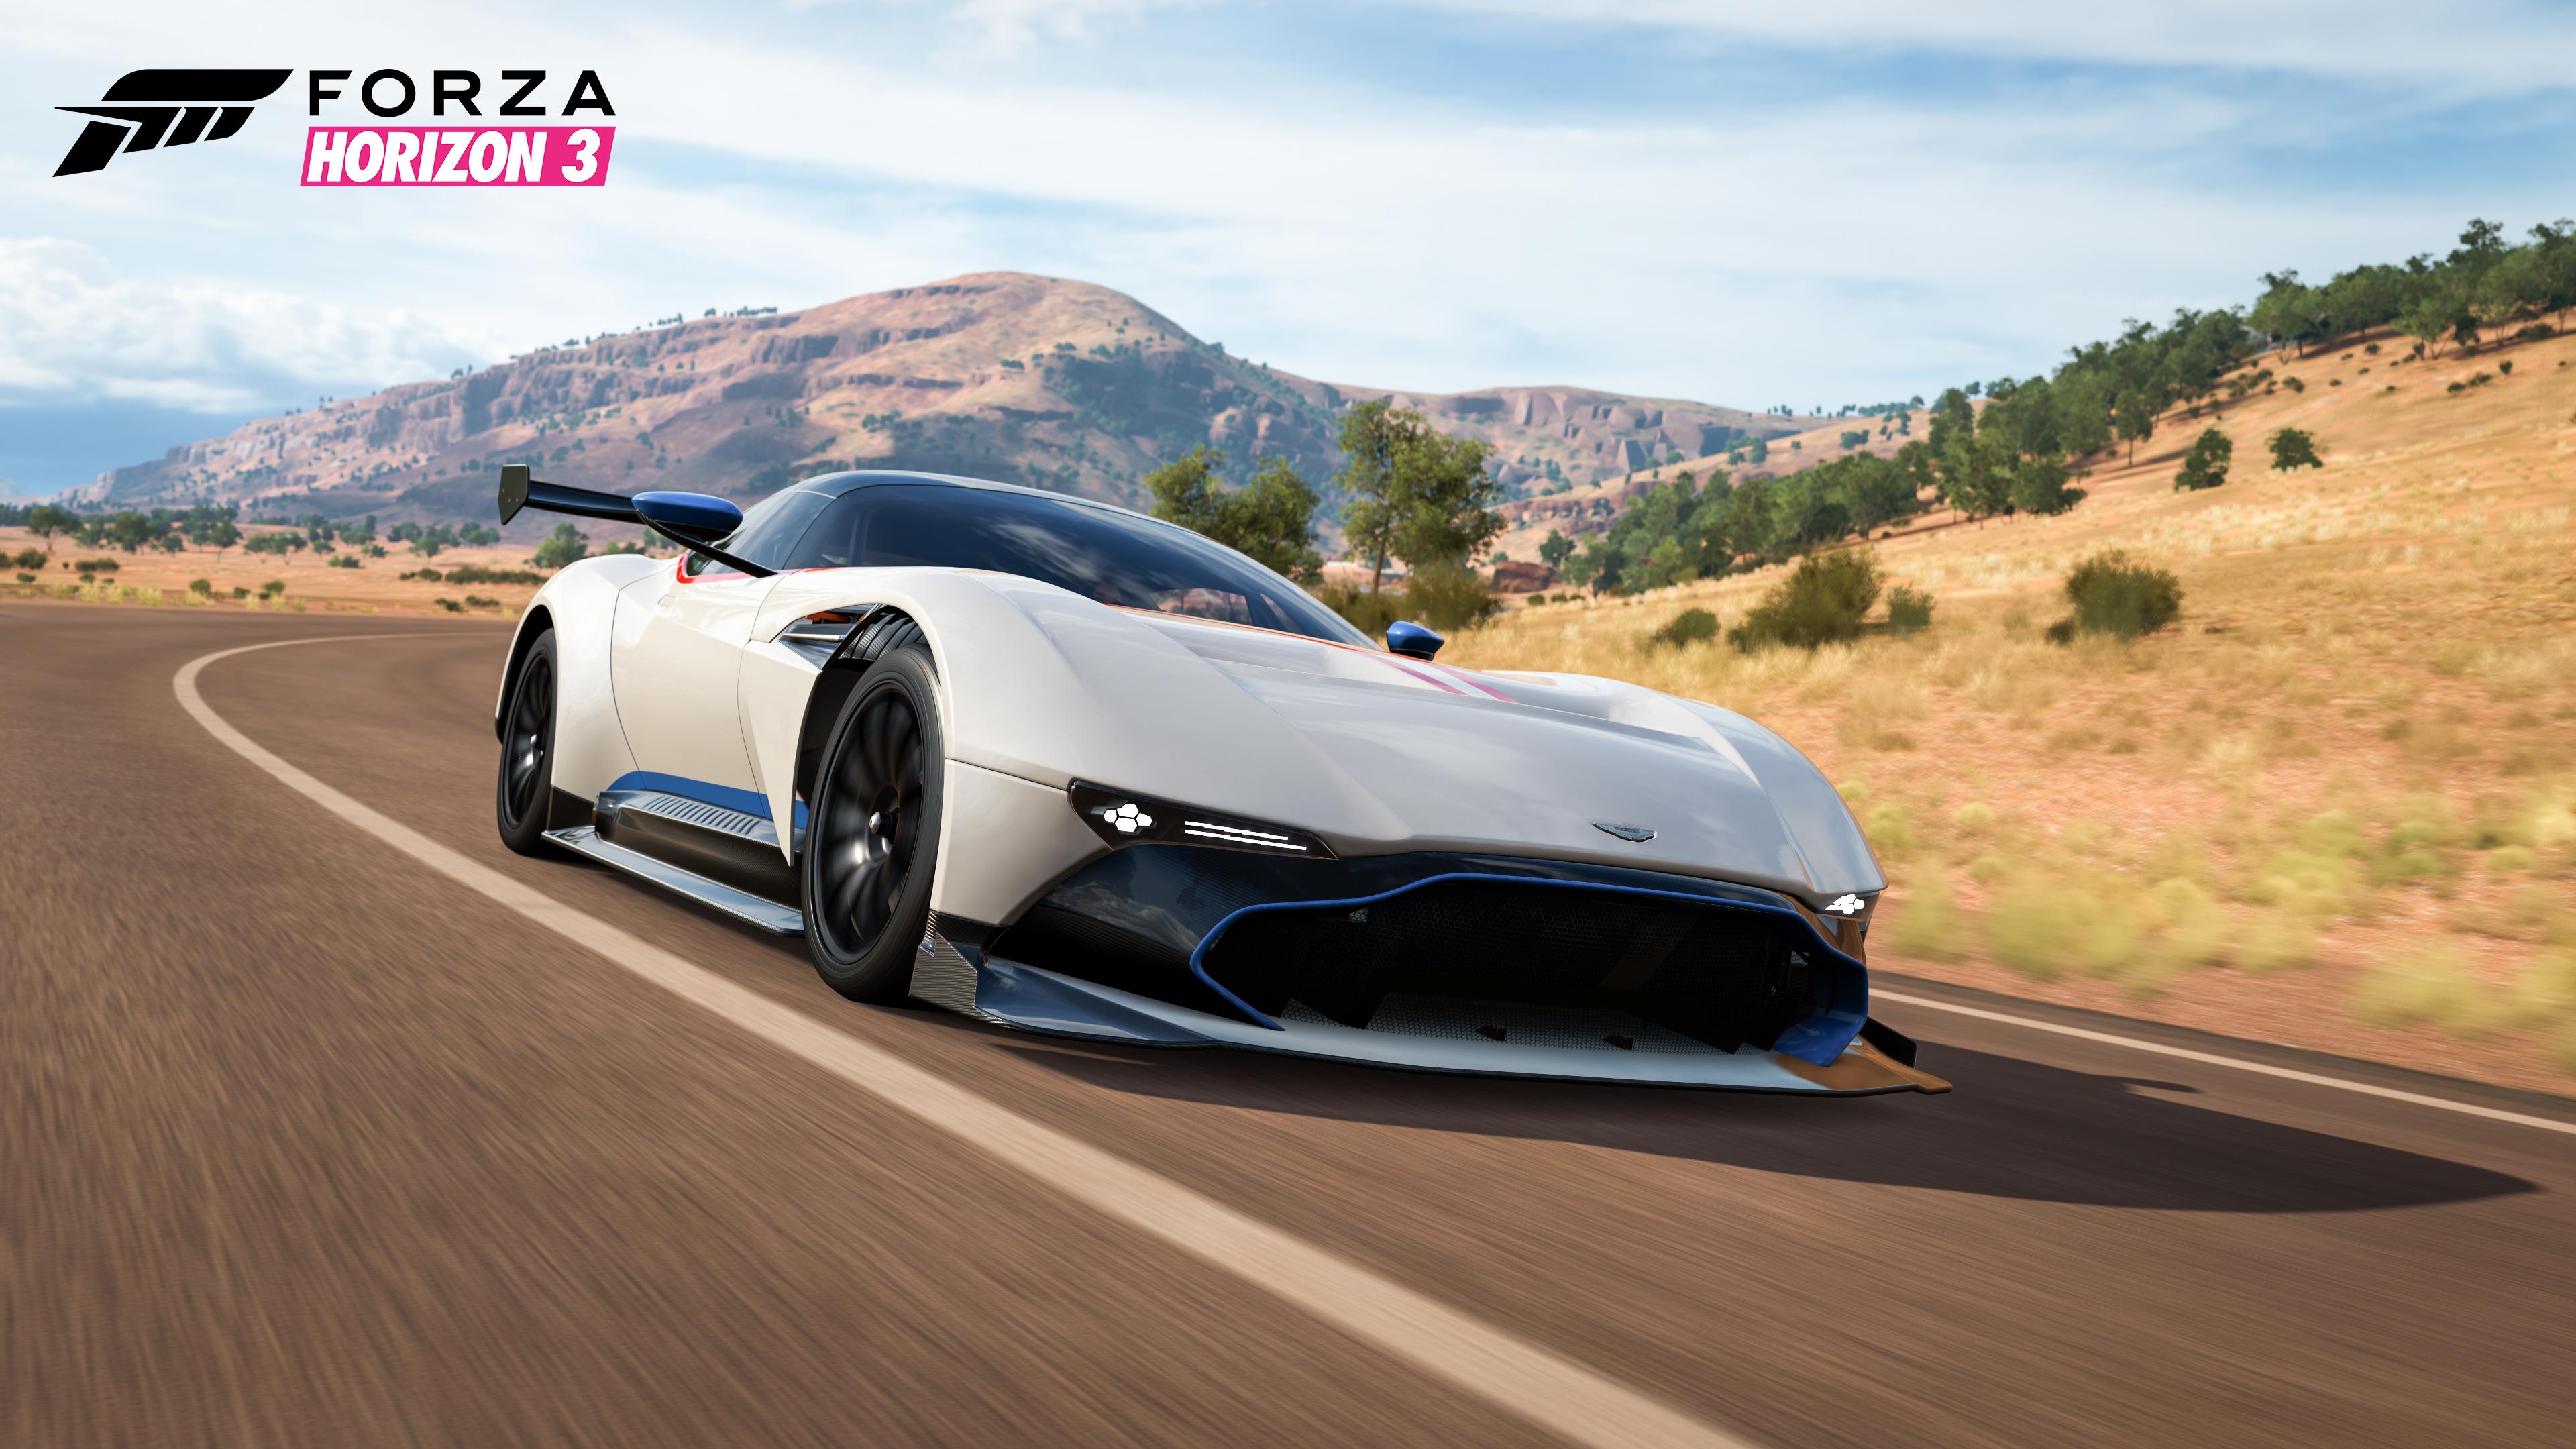 Forza Horizon 3 Shot